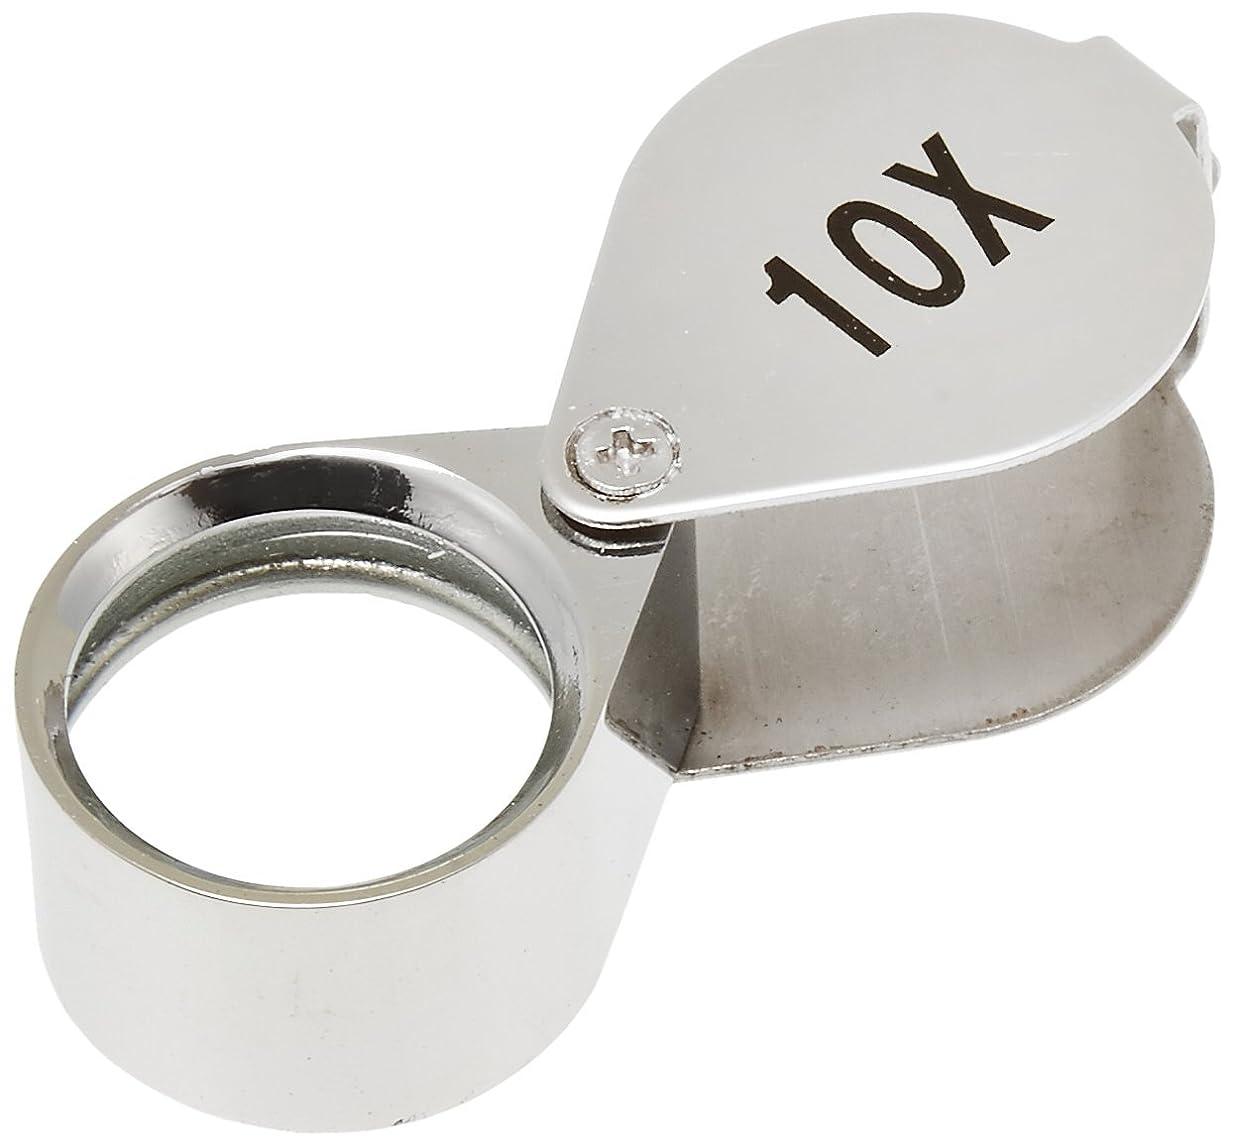 努力する採用するハンサムTSK 高倍率ルーペ 倍率10倍 レンズ径20mm DO-101